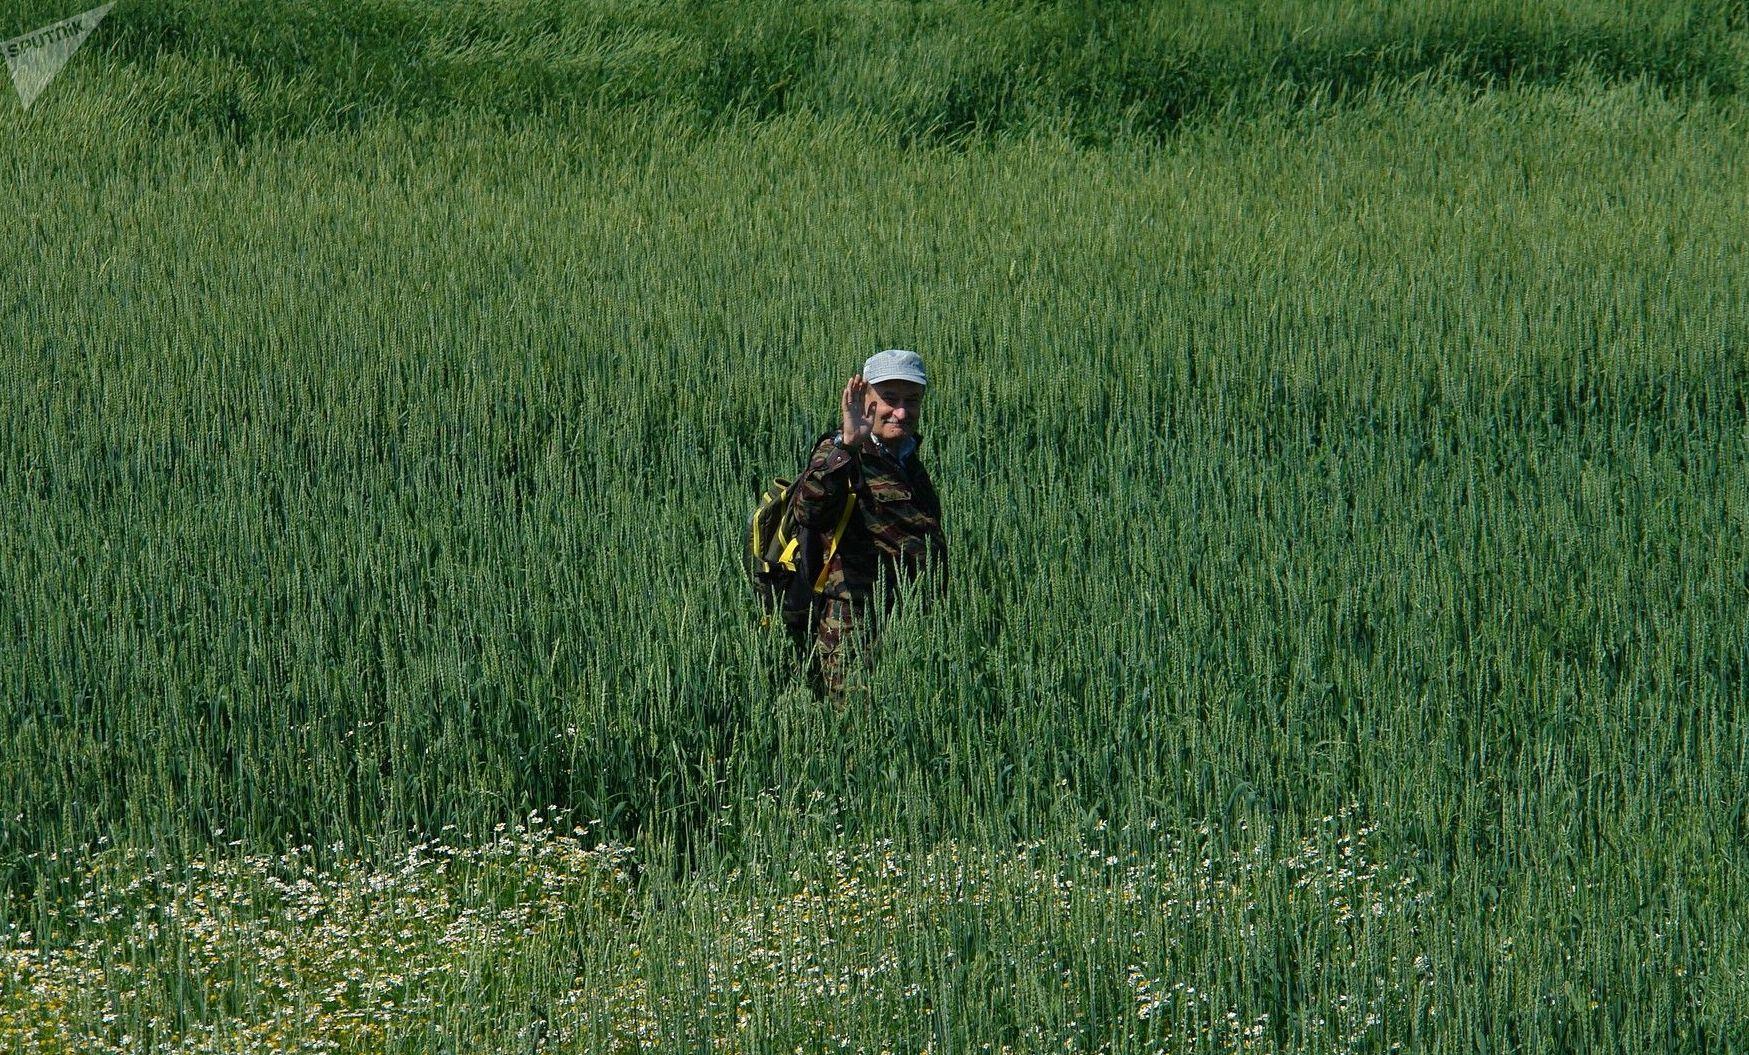 Профессор Северо-Казахстанского государственного университета имени Манаша Козыбаева Андрей Солодовник